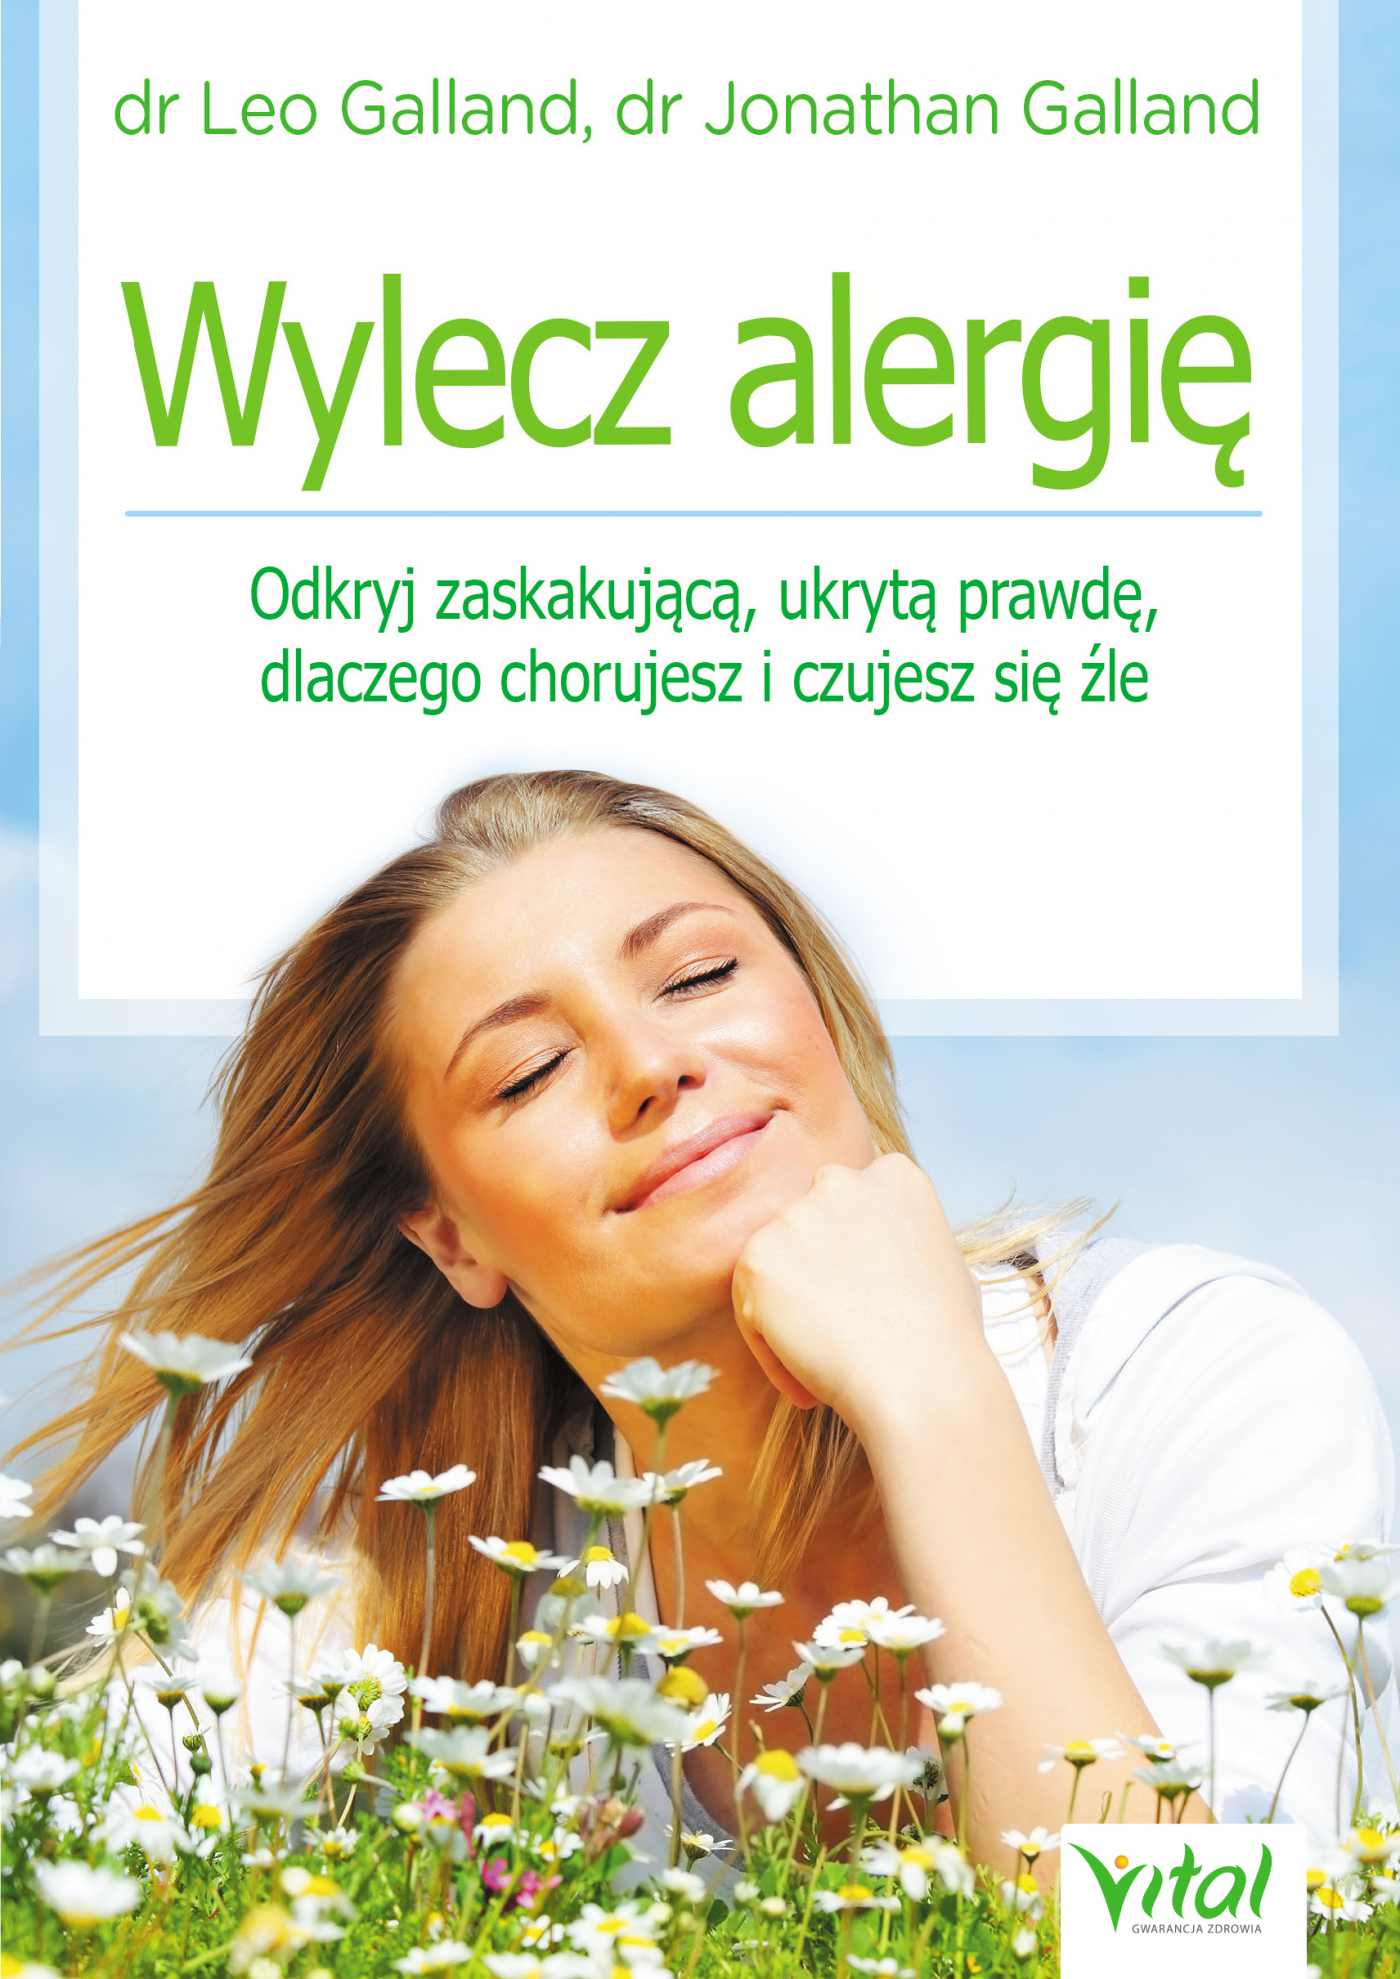 Wylecz alergię. Odkryj zaskakującą, ukrytą prawdę, dlaczego chorujesz i czujesz się źle - Ebook (Książka PDF) do pobrania w formacie PDF